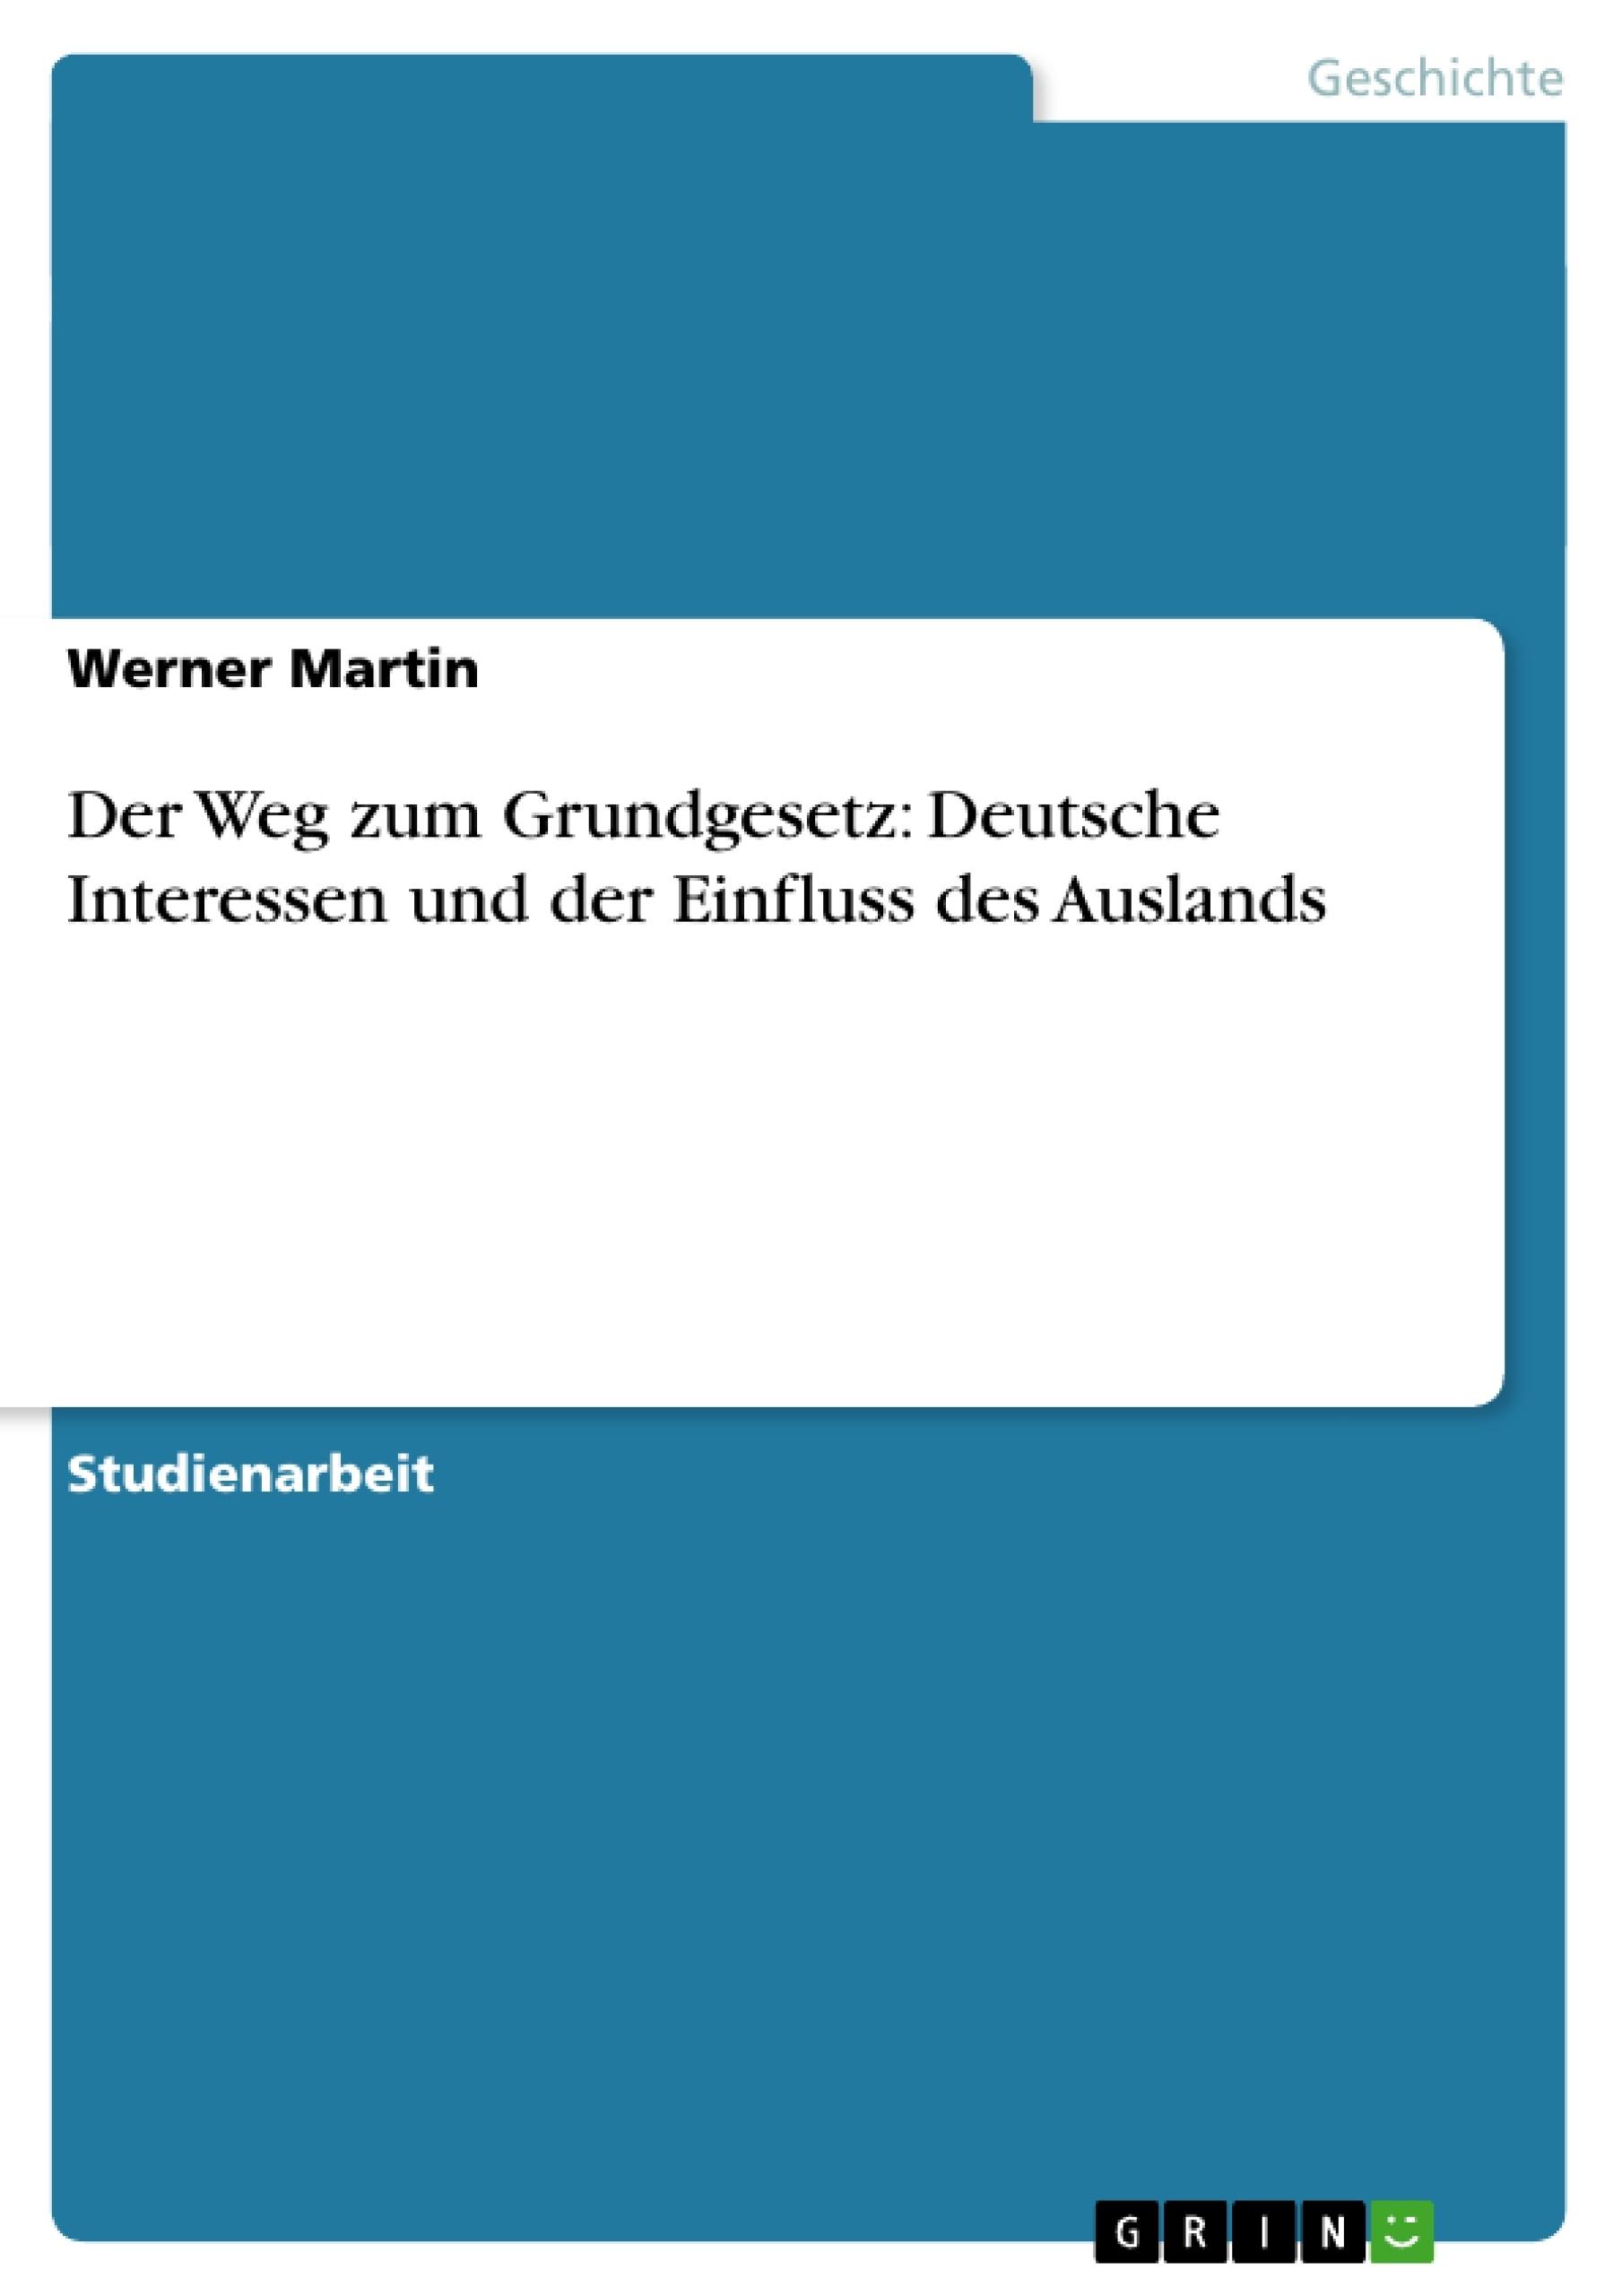 Titel: Der Weg zum Grundgesetz: Deutsche Interessen und der Einfluss des Auslands